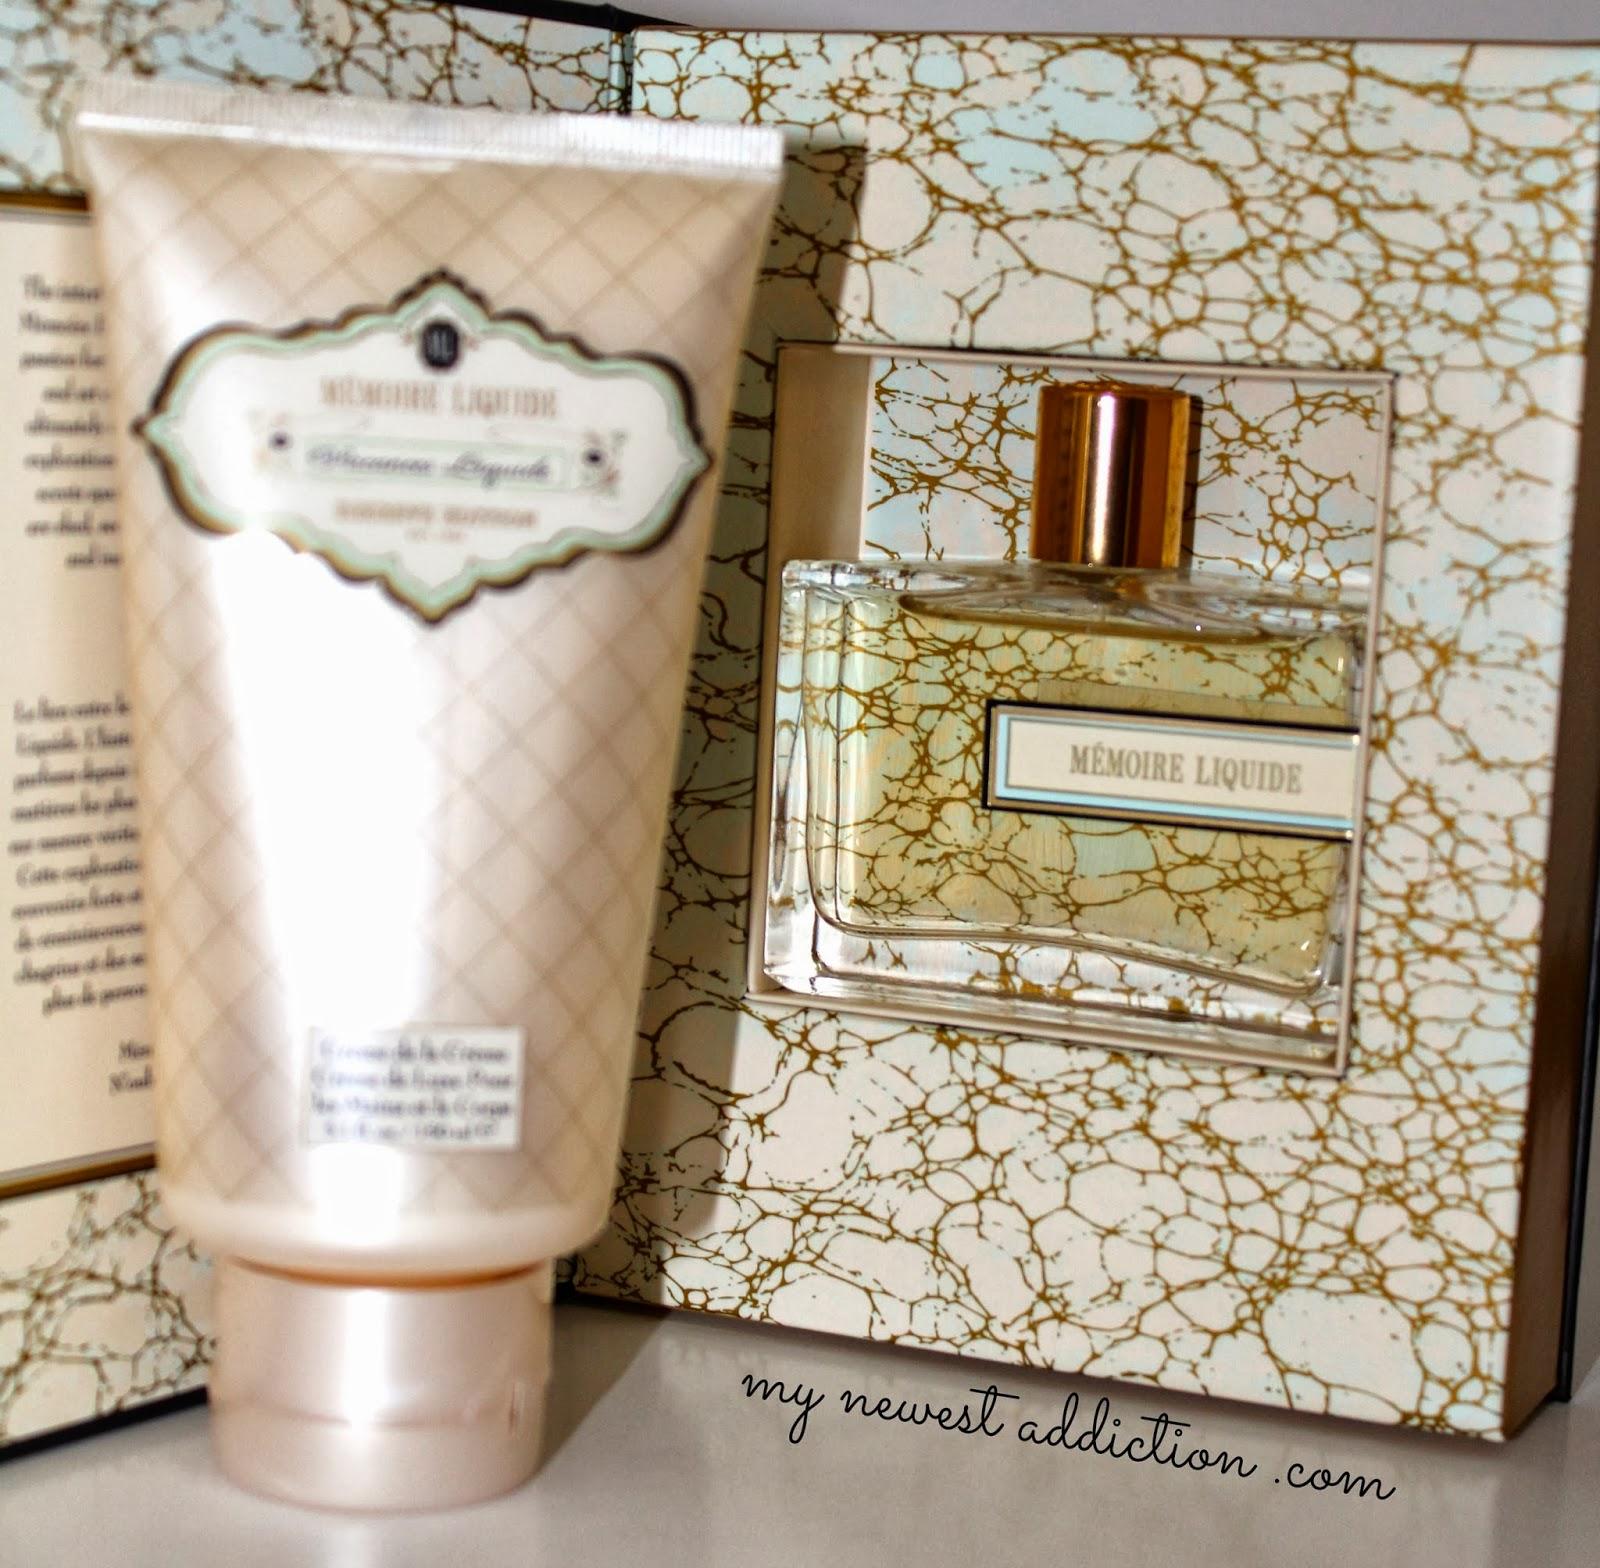 memoire liquide perfume